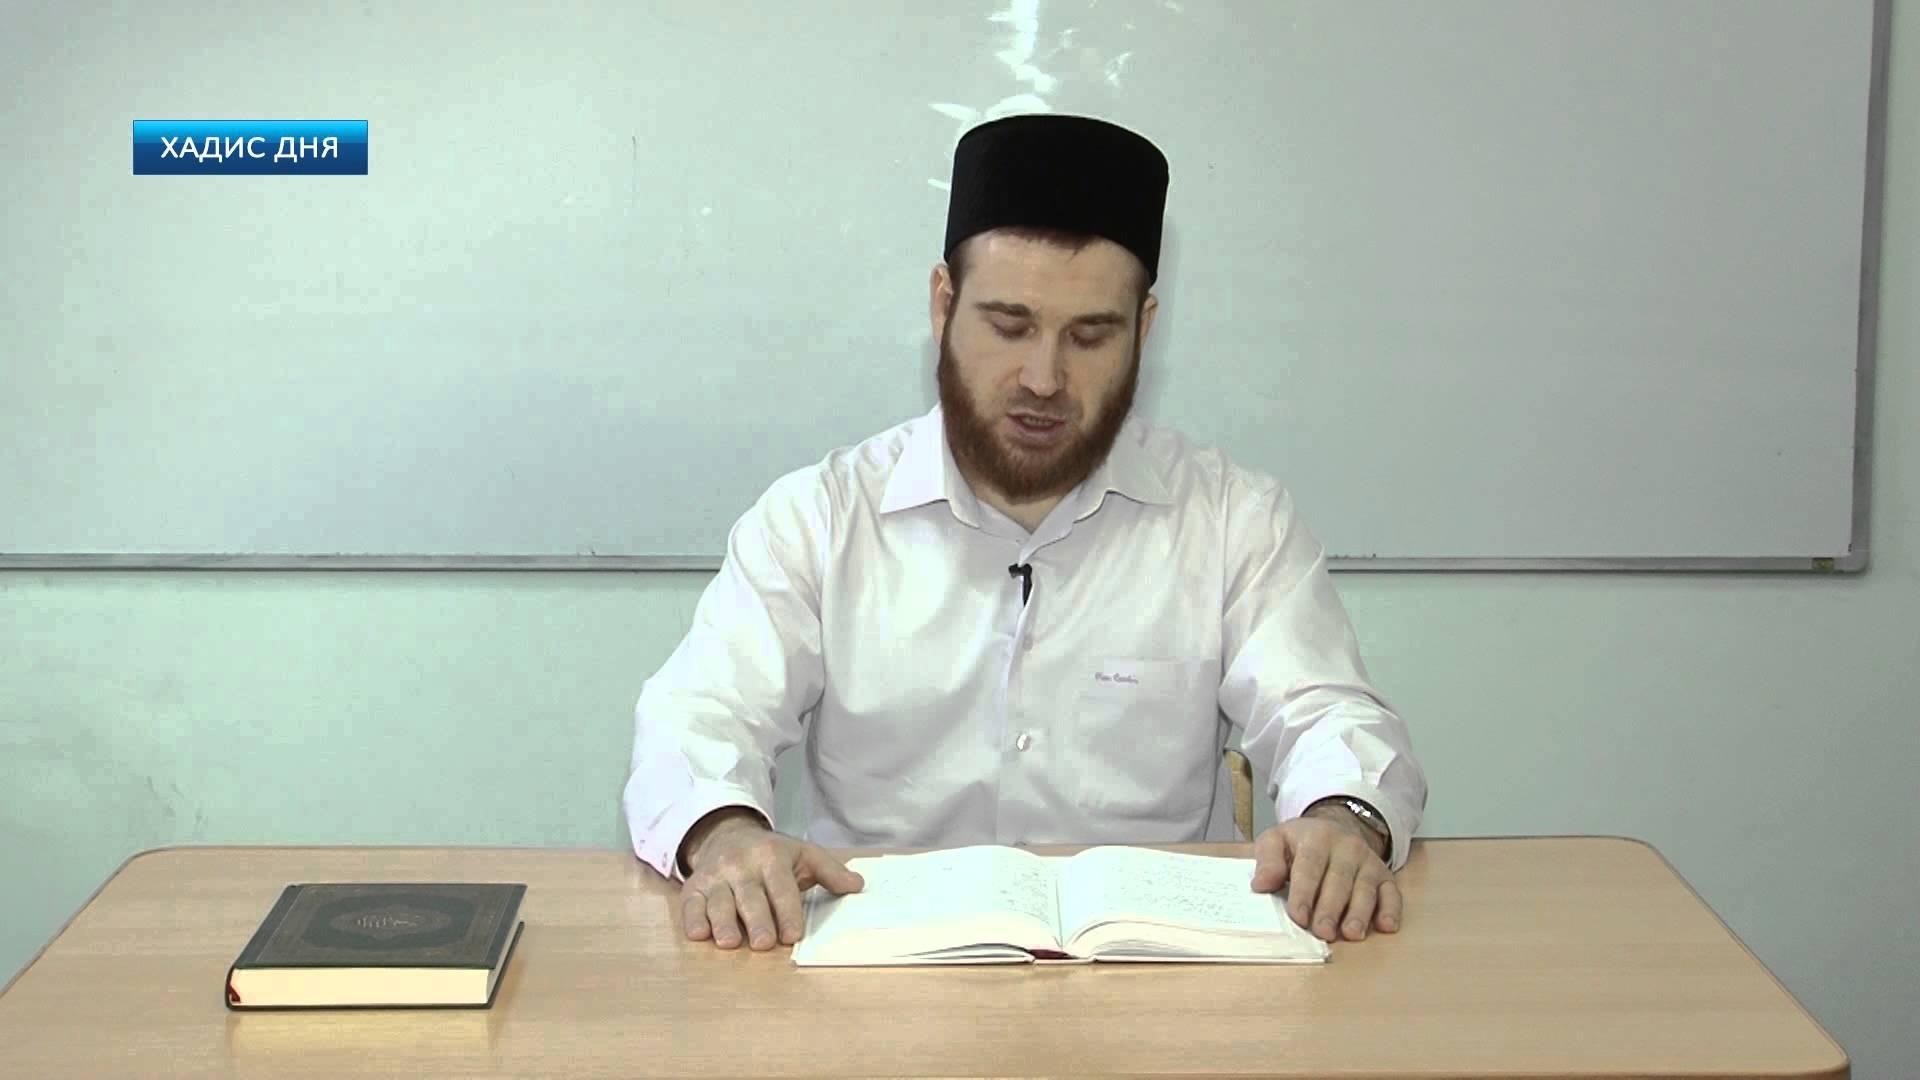 Хадис дня: о положении верующего